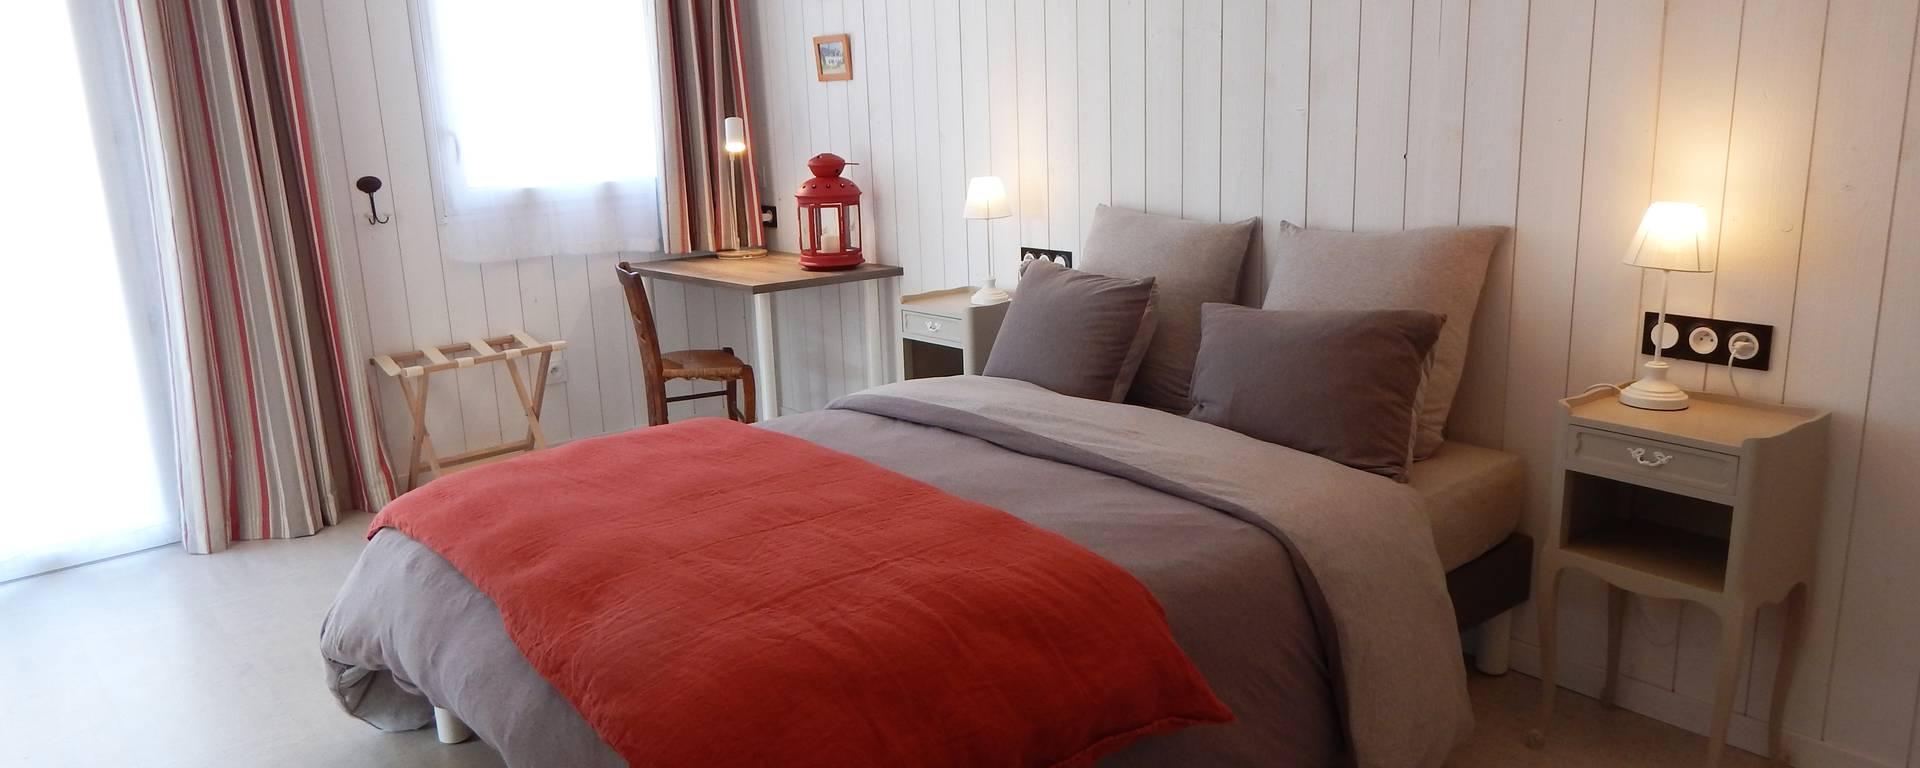 Chambres d'hôtes classées - Balade Océane - Loctudy ©Duranel